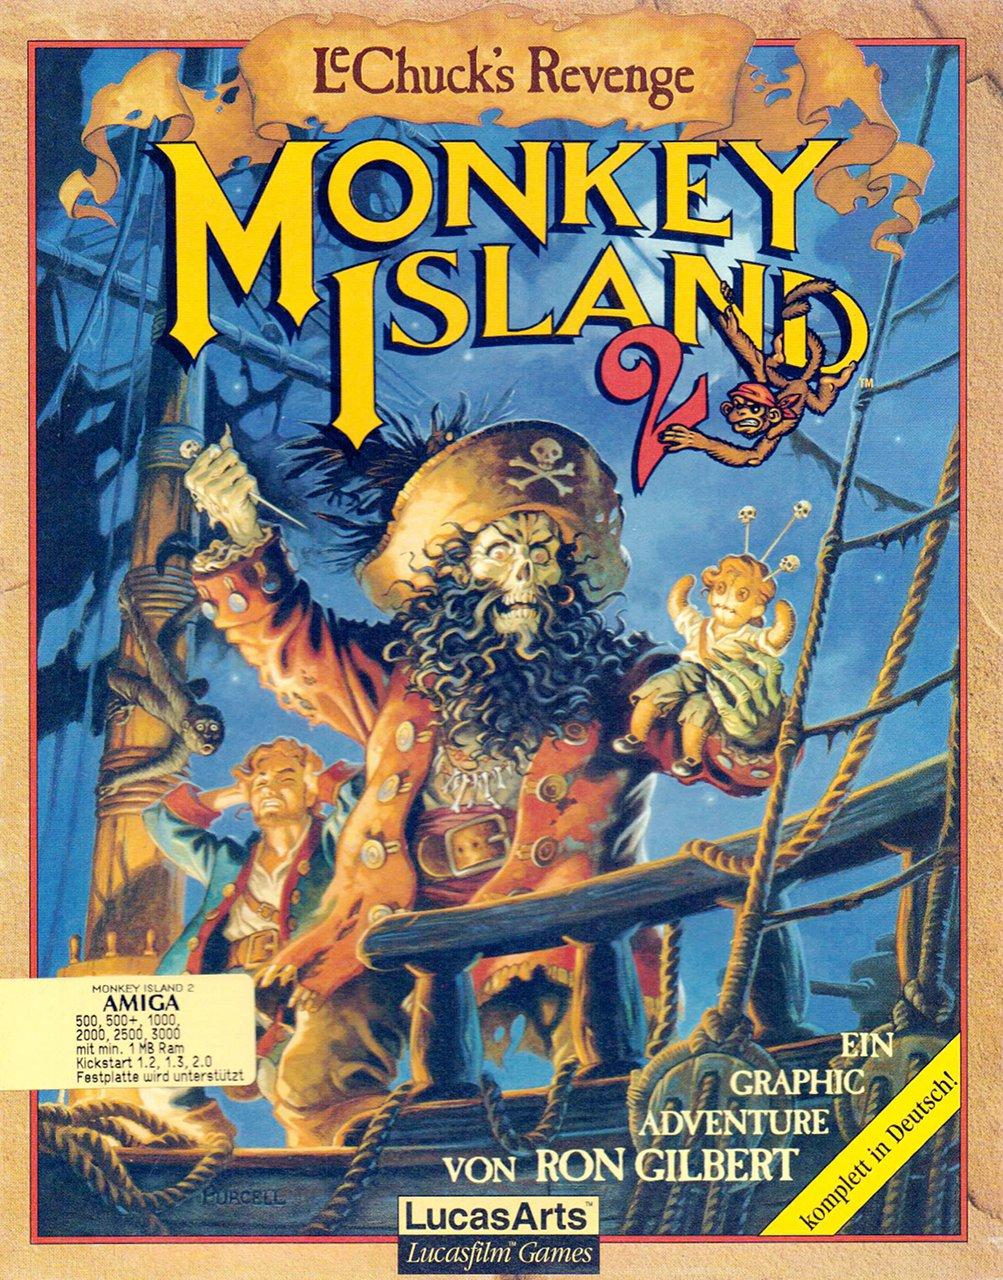 Monkey Island von Ron Gilbert. Ein Meilenstein der humoristischen Adventures. (Bild: LucasArts)